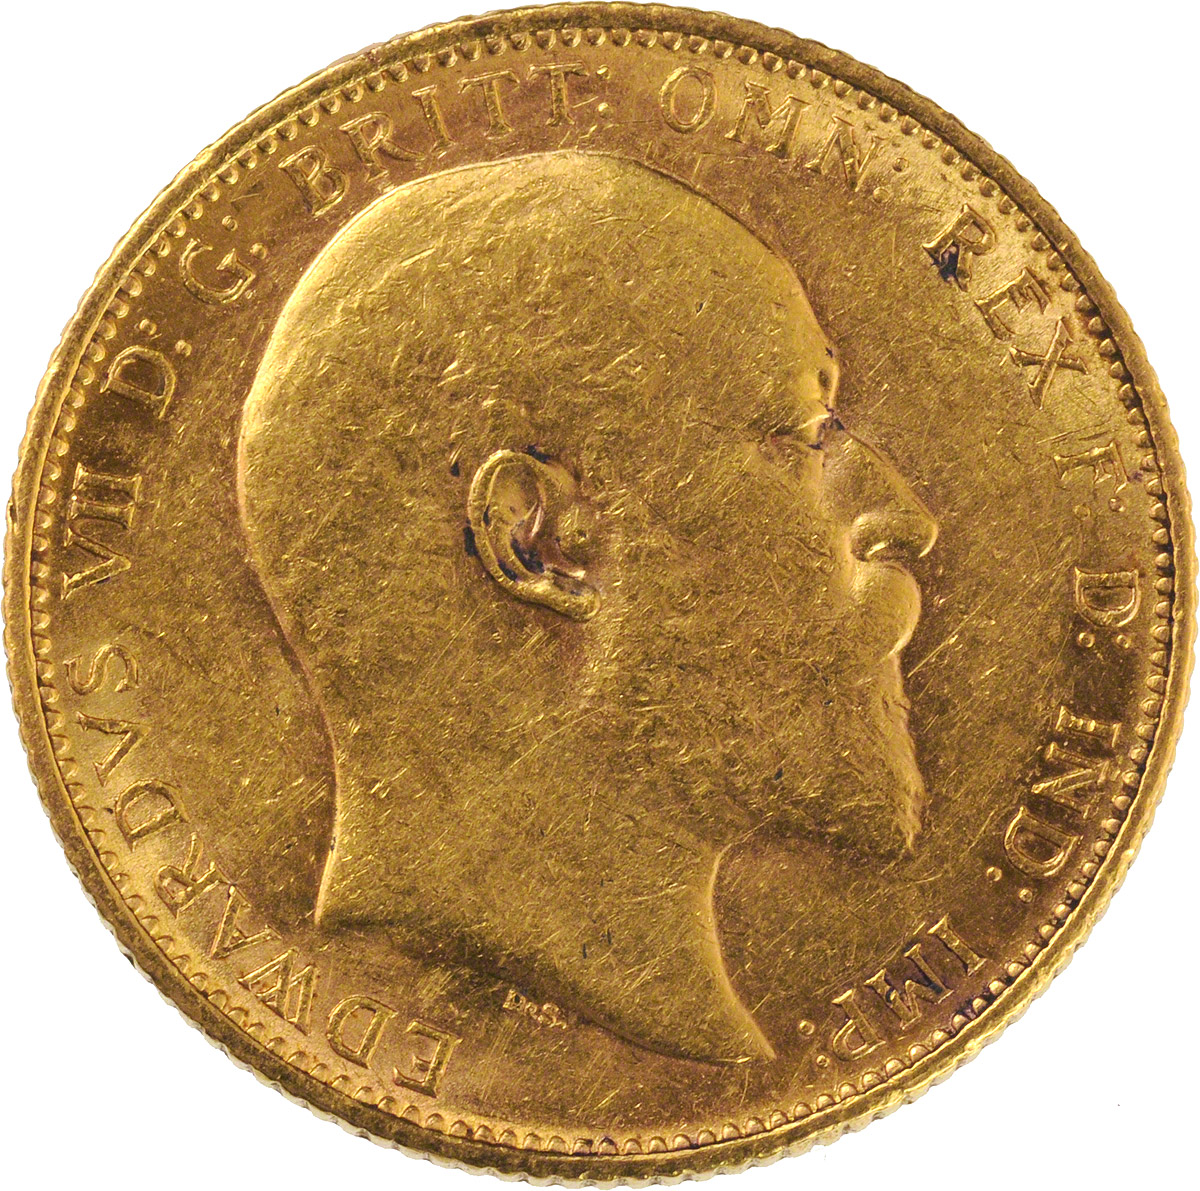 1907 Εδουάρδος Ζ' (Νομισματοκοπείο Μελβούρνης)